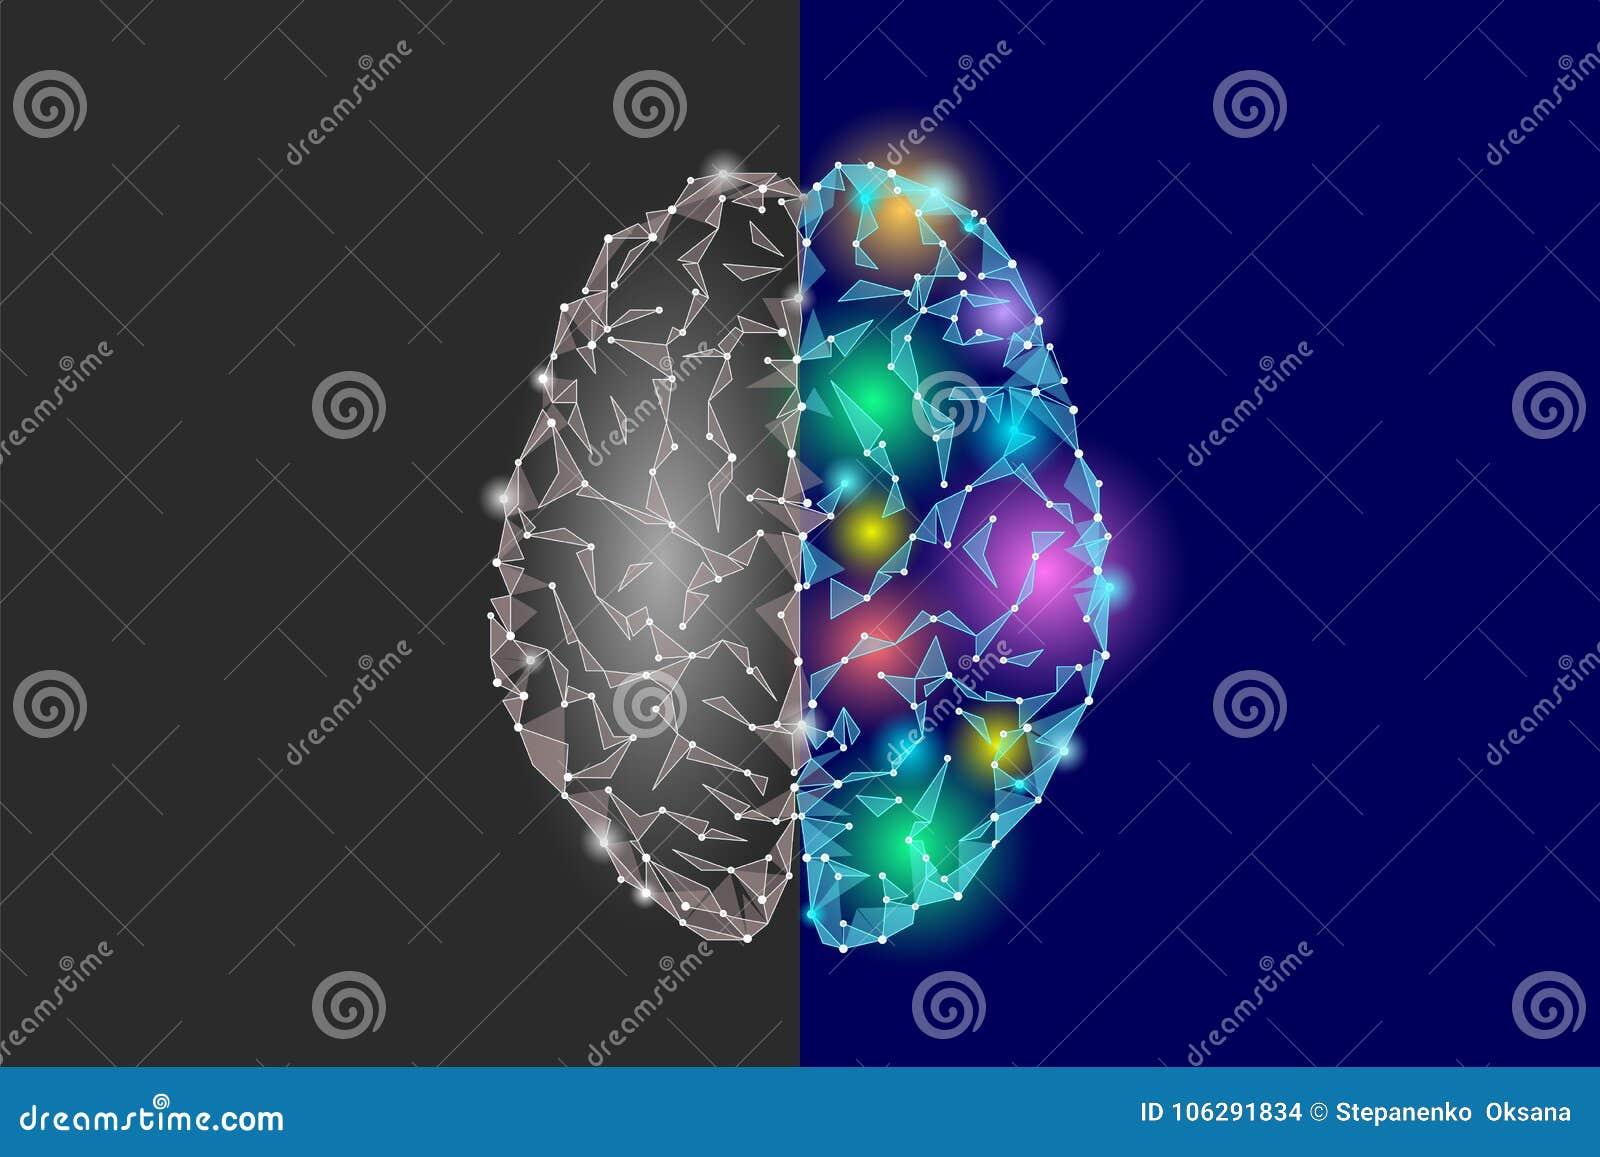 创造性和逻辑零件脑子 逻辑分析方法建设性的艺术性的想象力半球边头脑作用 低多